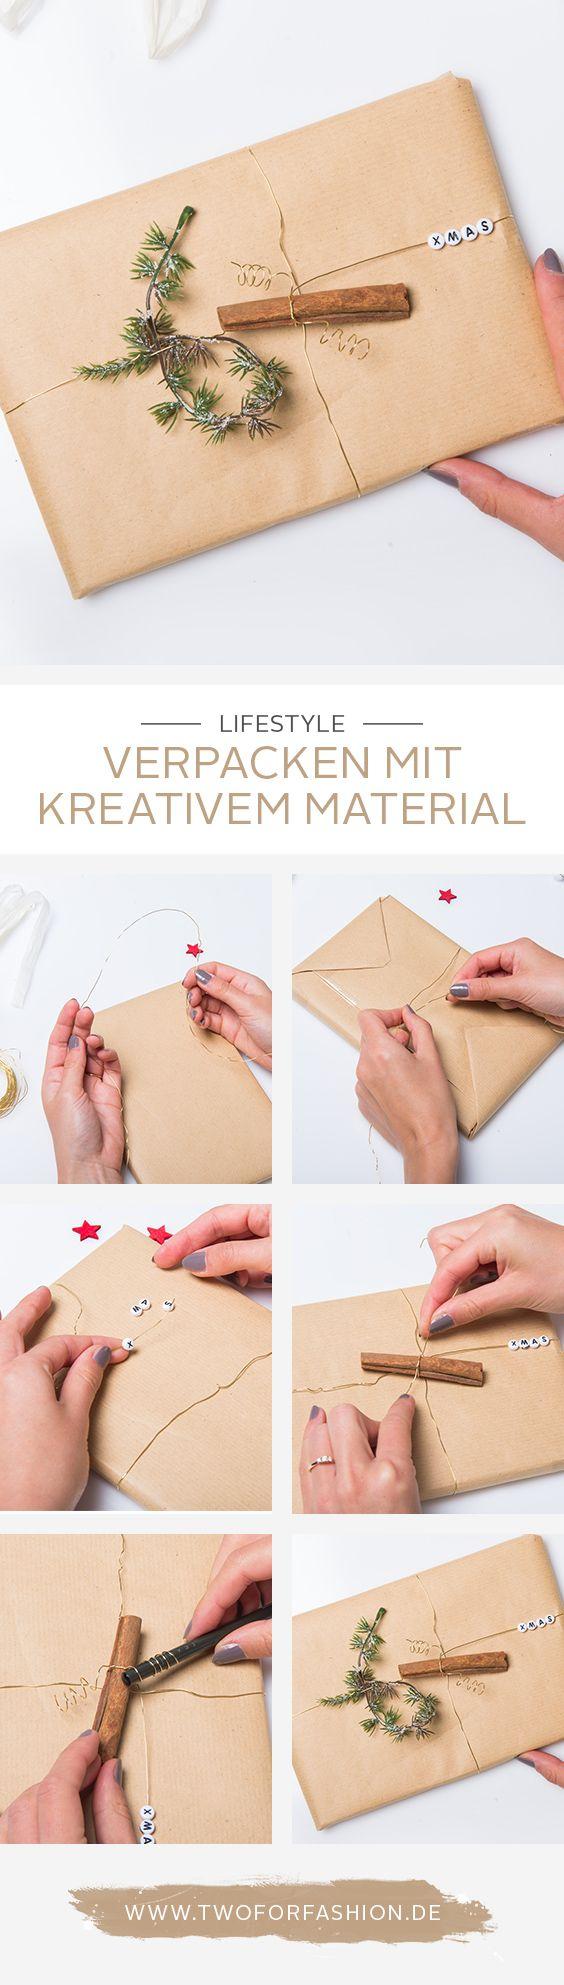 #geschenkverpackung #verpackung #giftwrapping #weihnachten #geschenkidee Geschenke kreativ einzupacken ist nicht aufwendiger als die herkömmliche Variante. Mit ein paar Accessoires wie einer Zimtstange, einem Tannenzweig oder Buchstabenperlen wird das schlichte Geschenk schnell zu einem weihnachtlichen Hingucker.